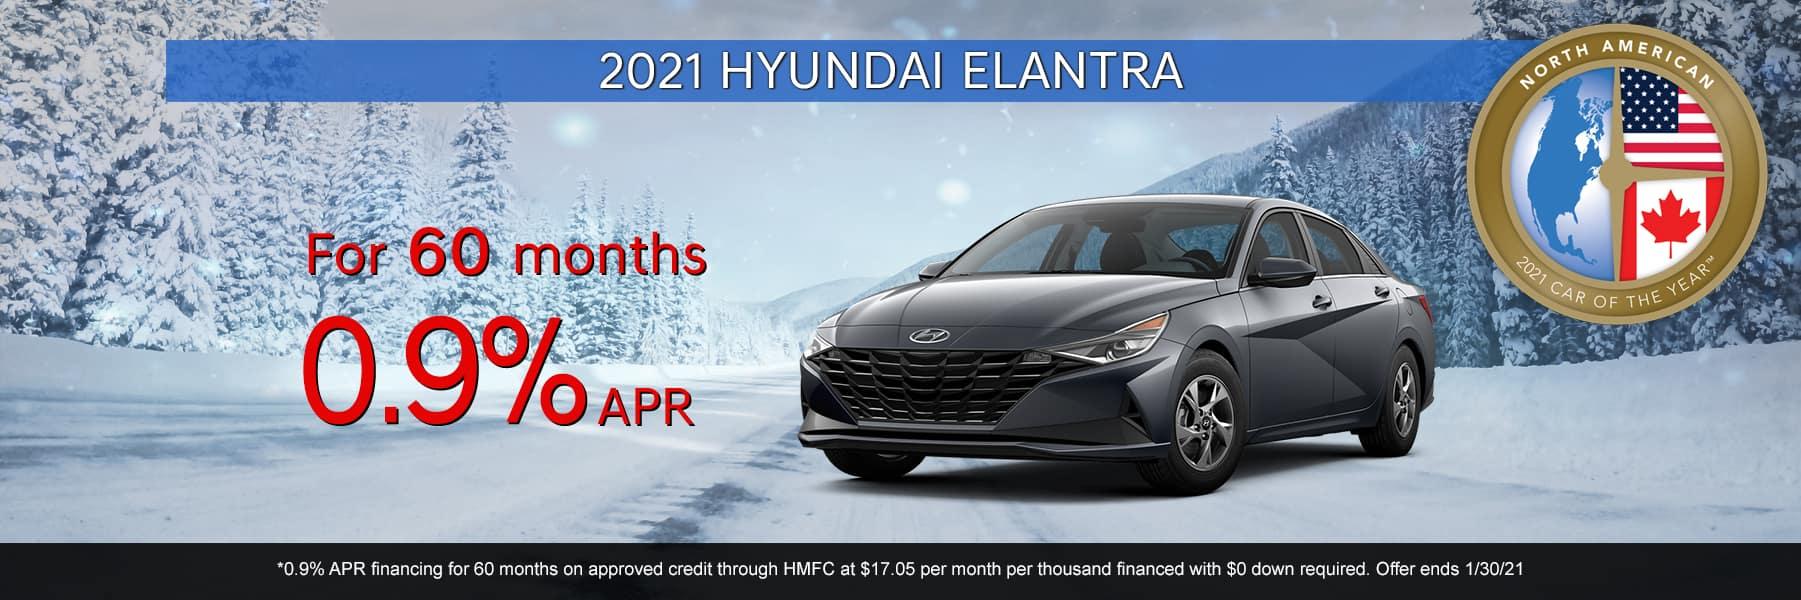 2021-Hyundai-Elantra-Jan2021